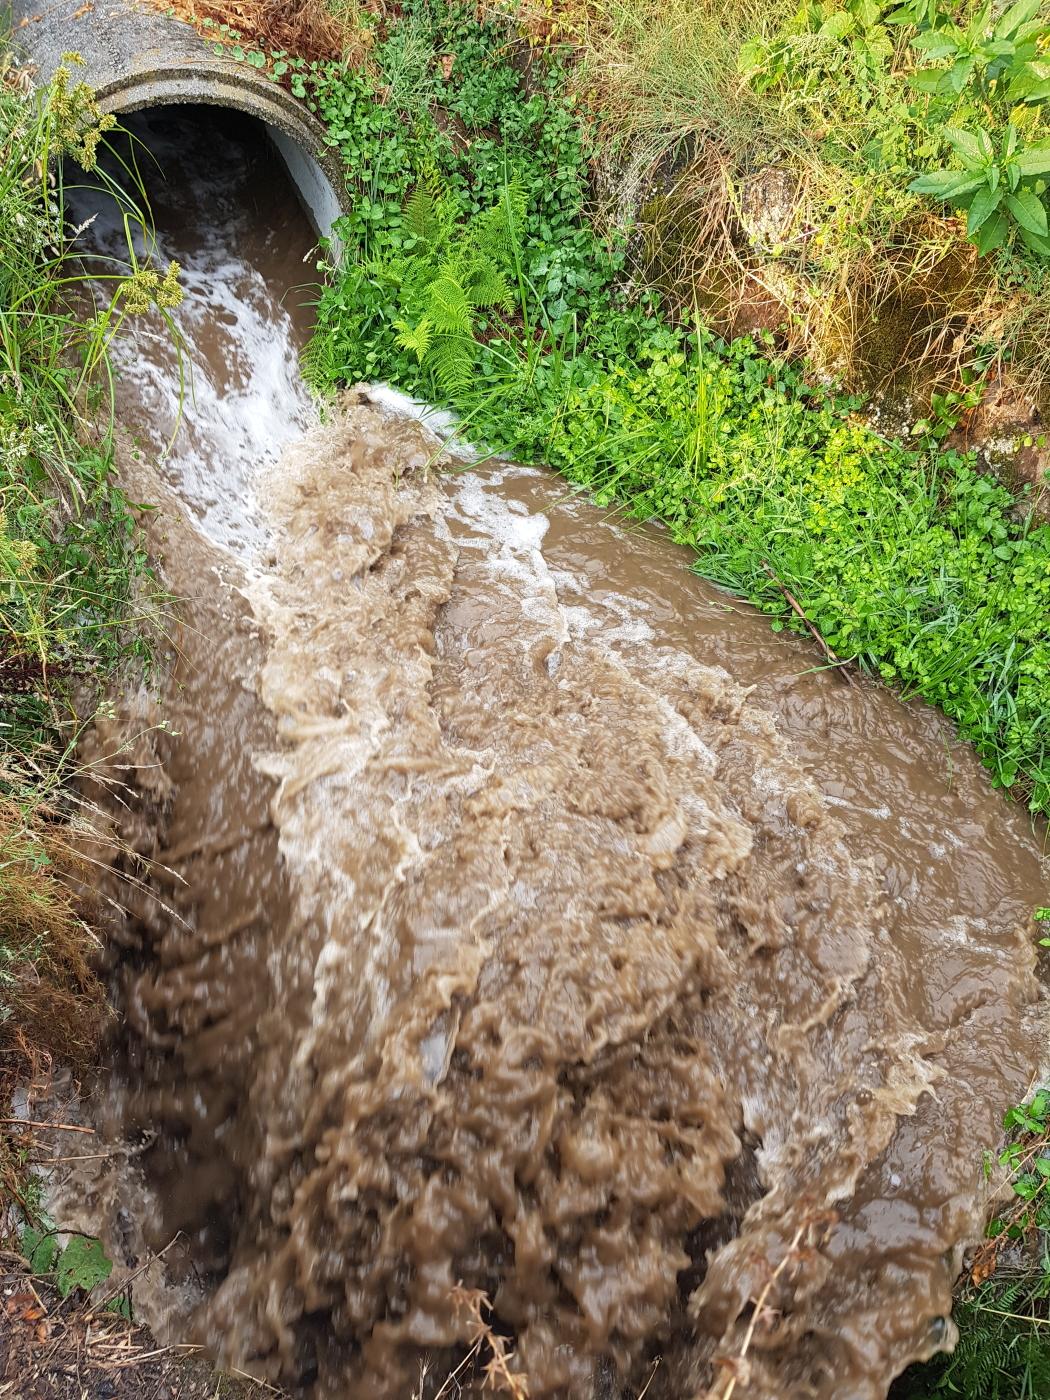 Comissão Europeia pondera intervir no caso de poluição do Rio Criz em Tondela